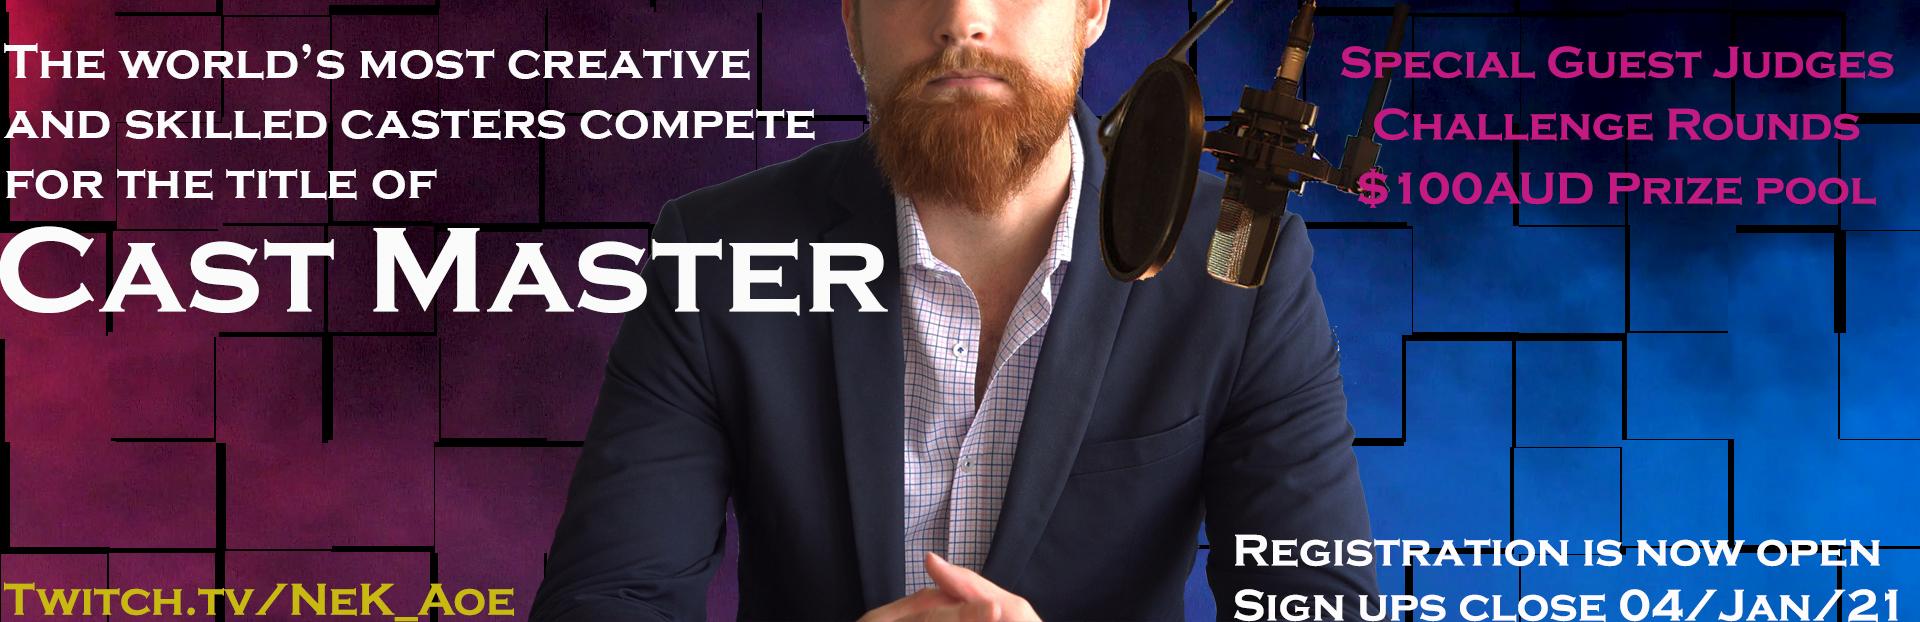 Cast Master banner.jpg